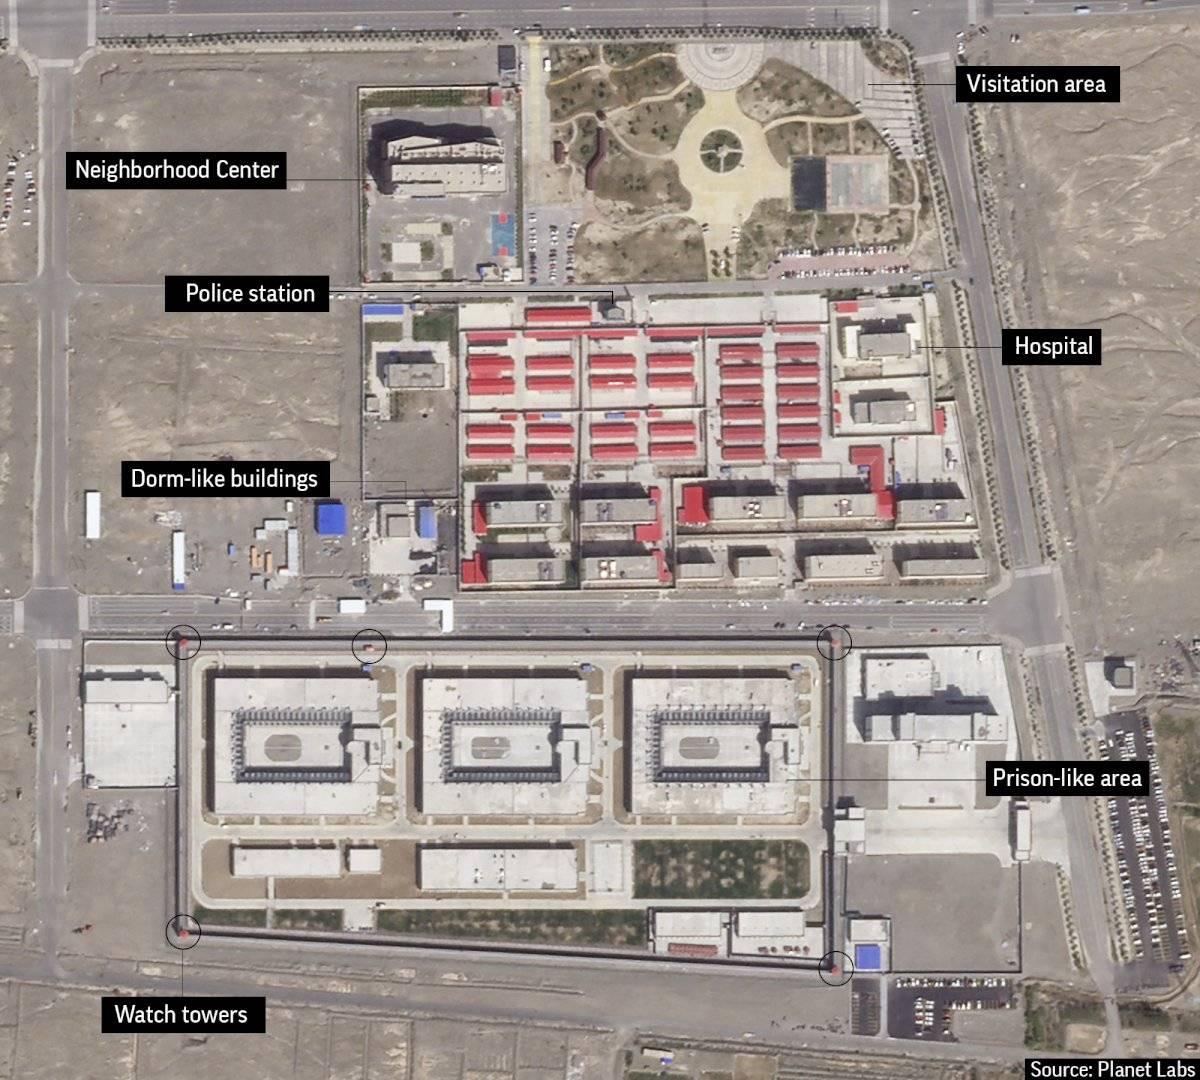 centros detencion